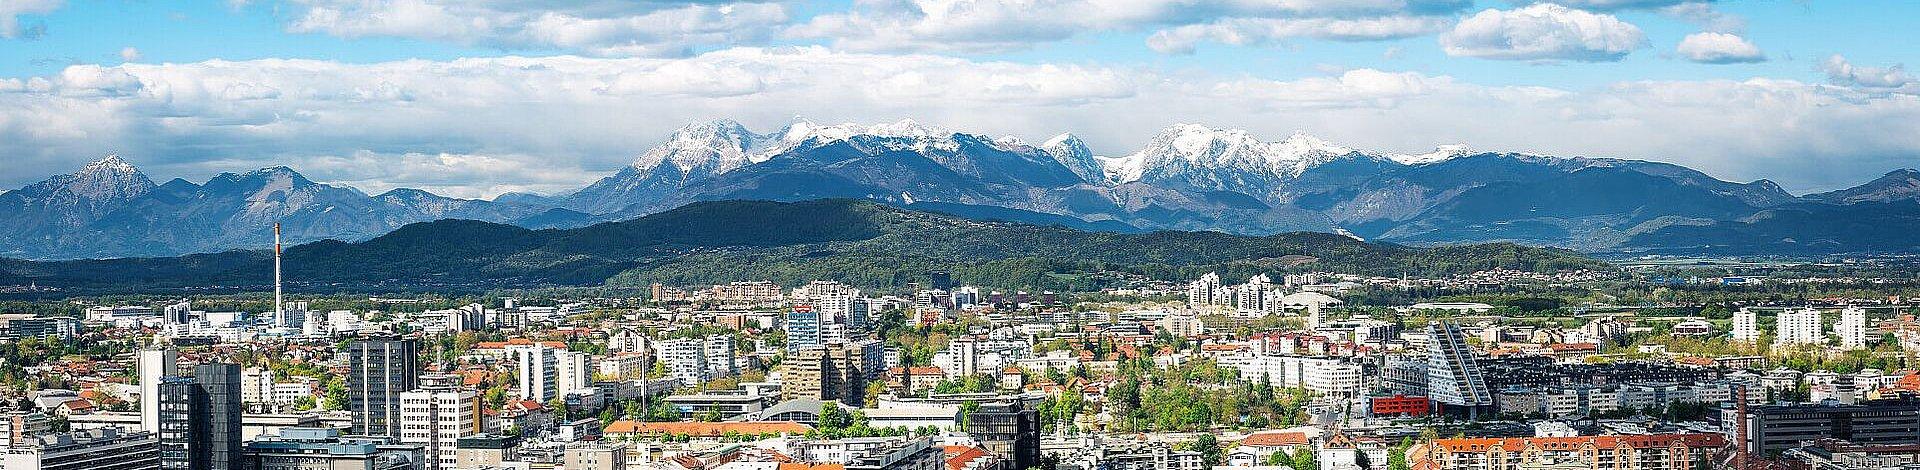 TRESCON Ljubljana - gemeinsam sind wir stark - TRESCON Group goes Slovenia!